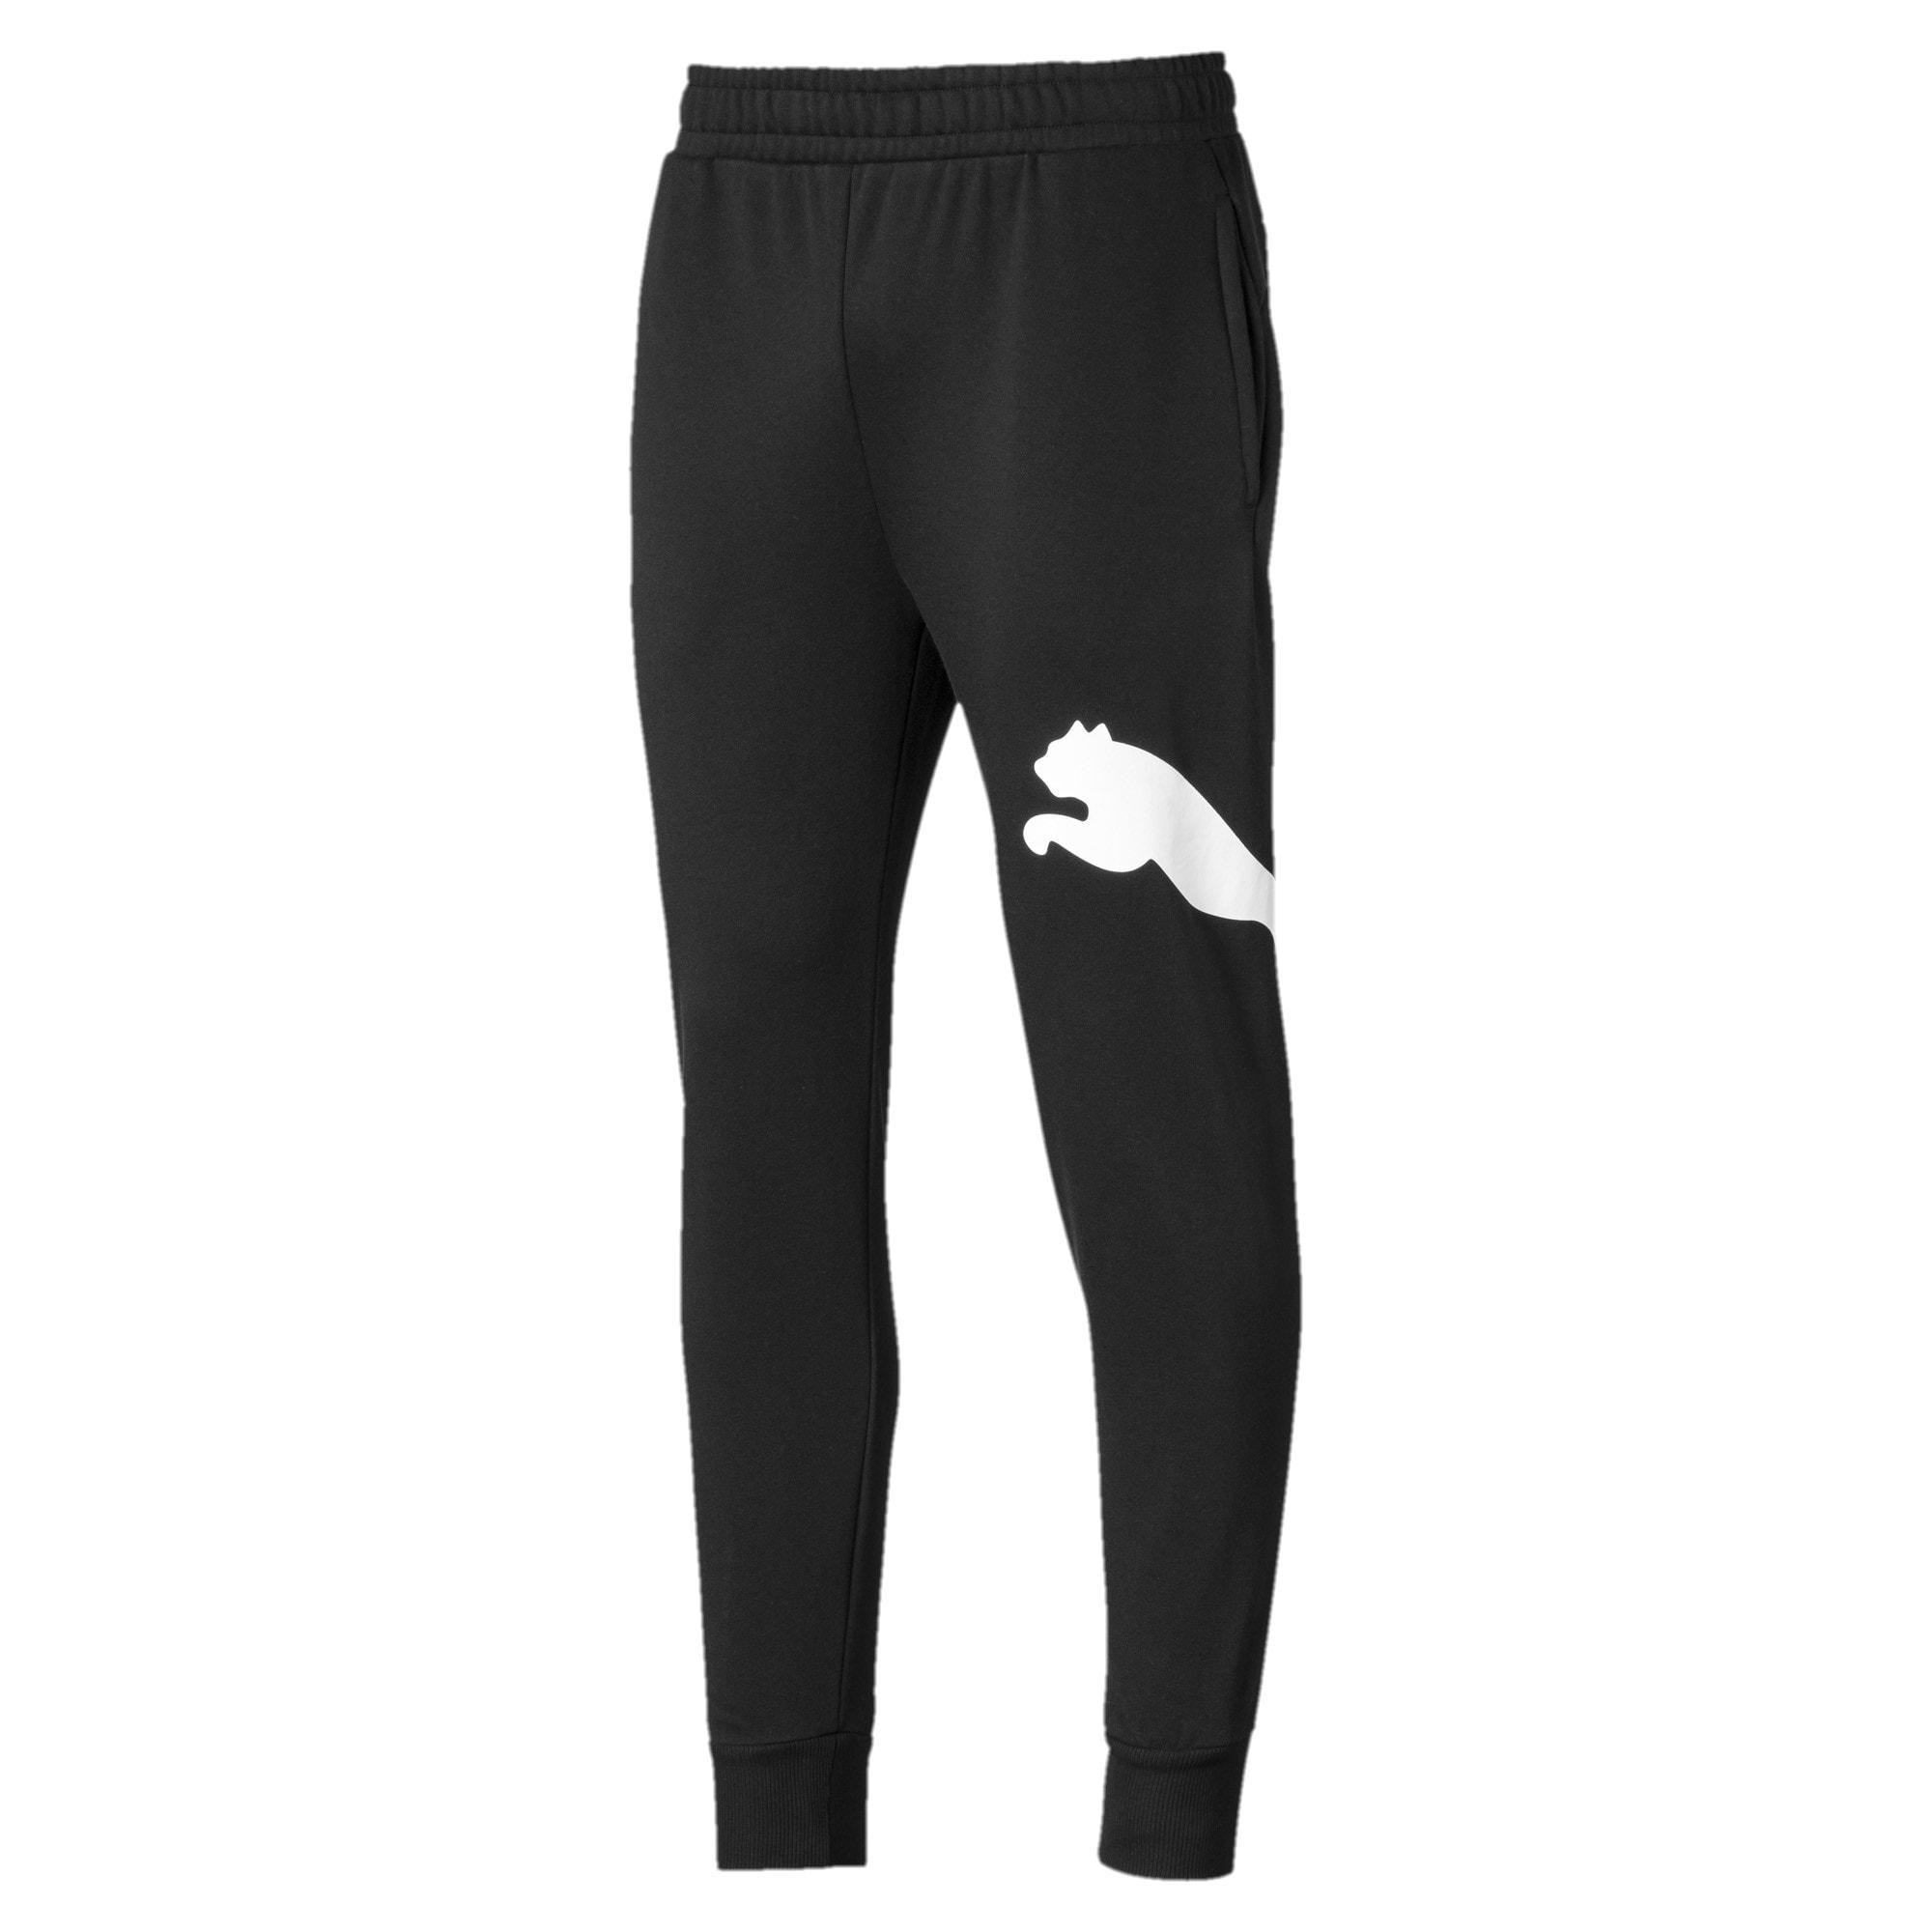 Thumbnail 1 of Men's Big Logo Fleece Sweatpants, Puma Black, medium